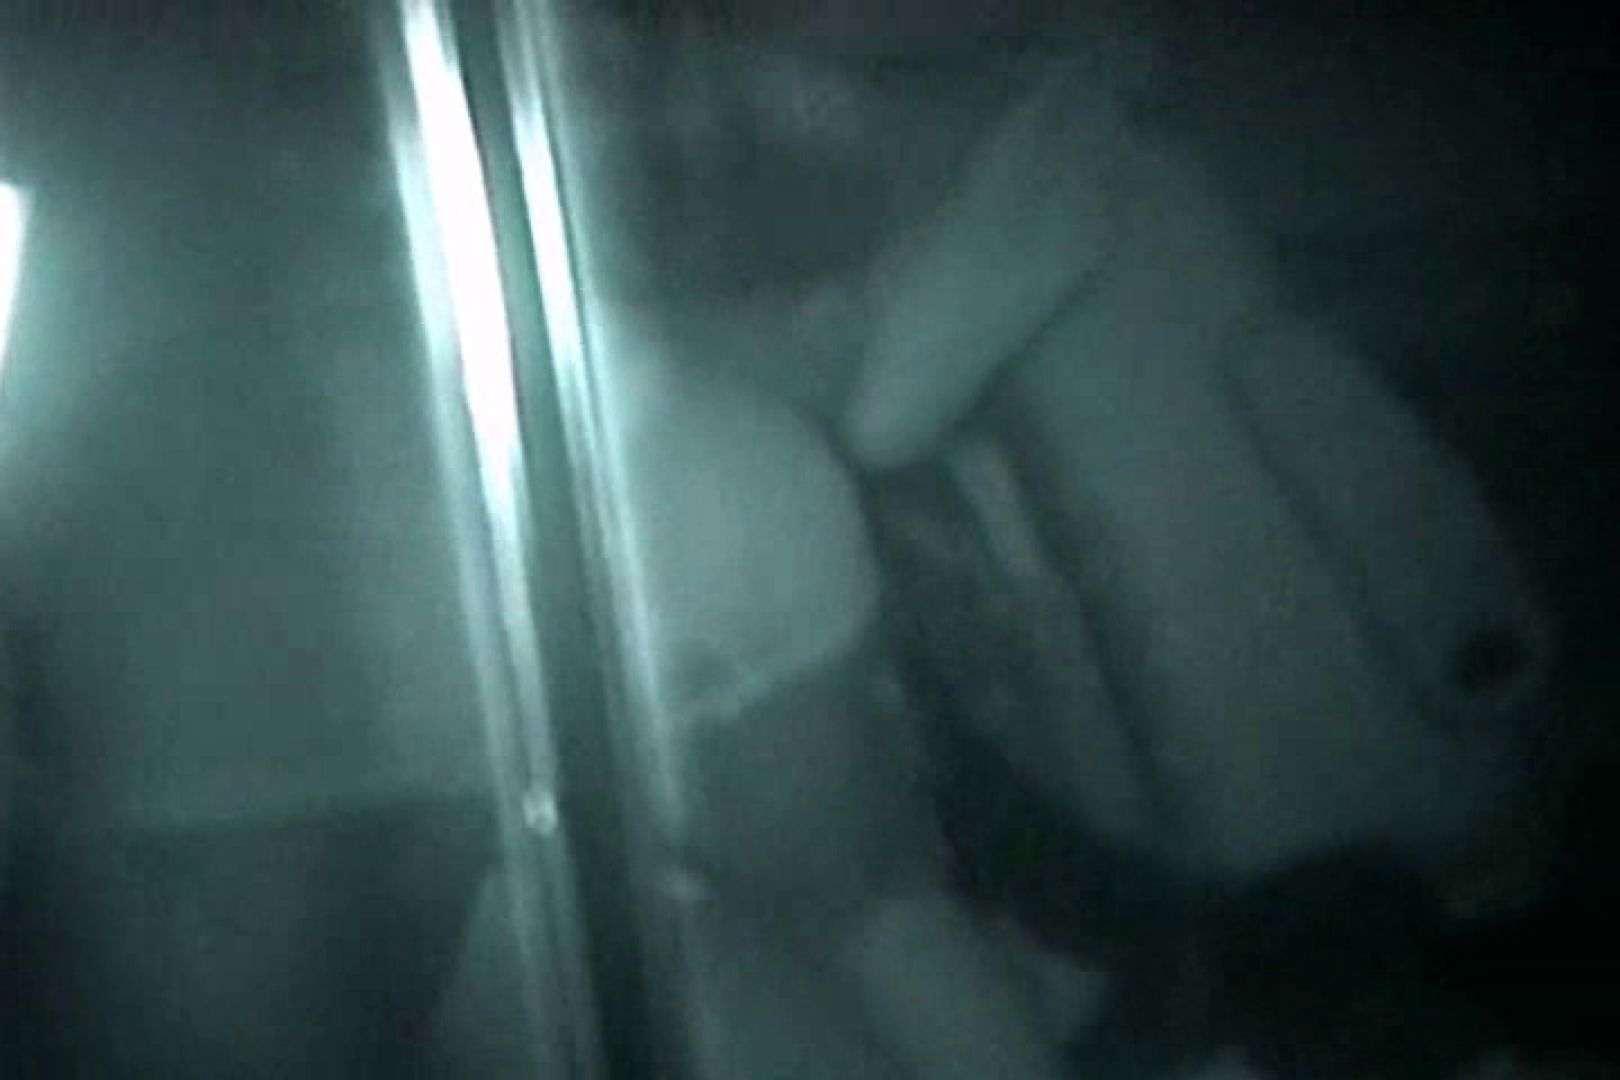 充血監督の深夜の運動会Vol.136 OLセックス 盗撮オマンコ無修正動画無料 100画像 56